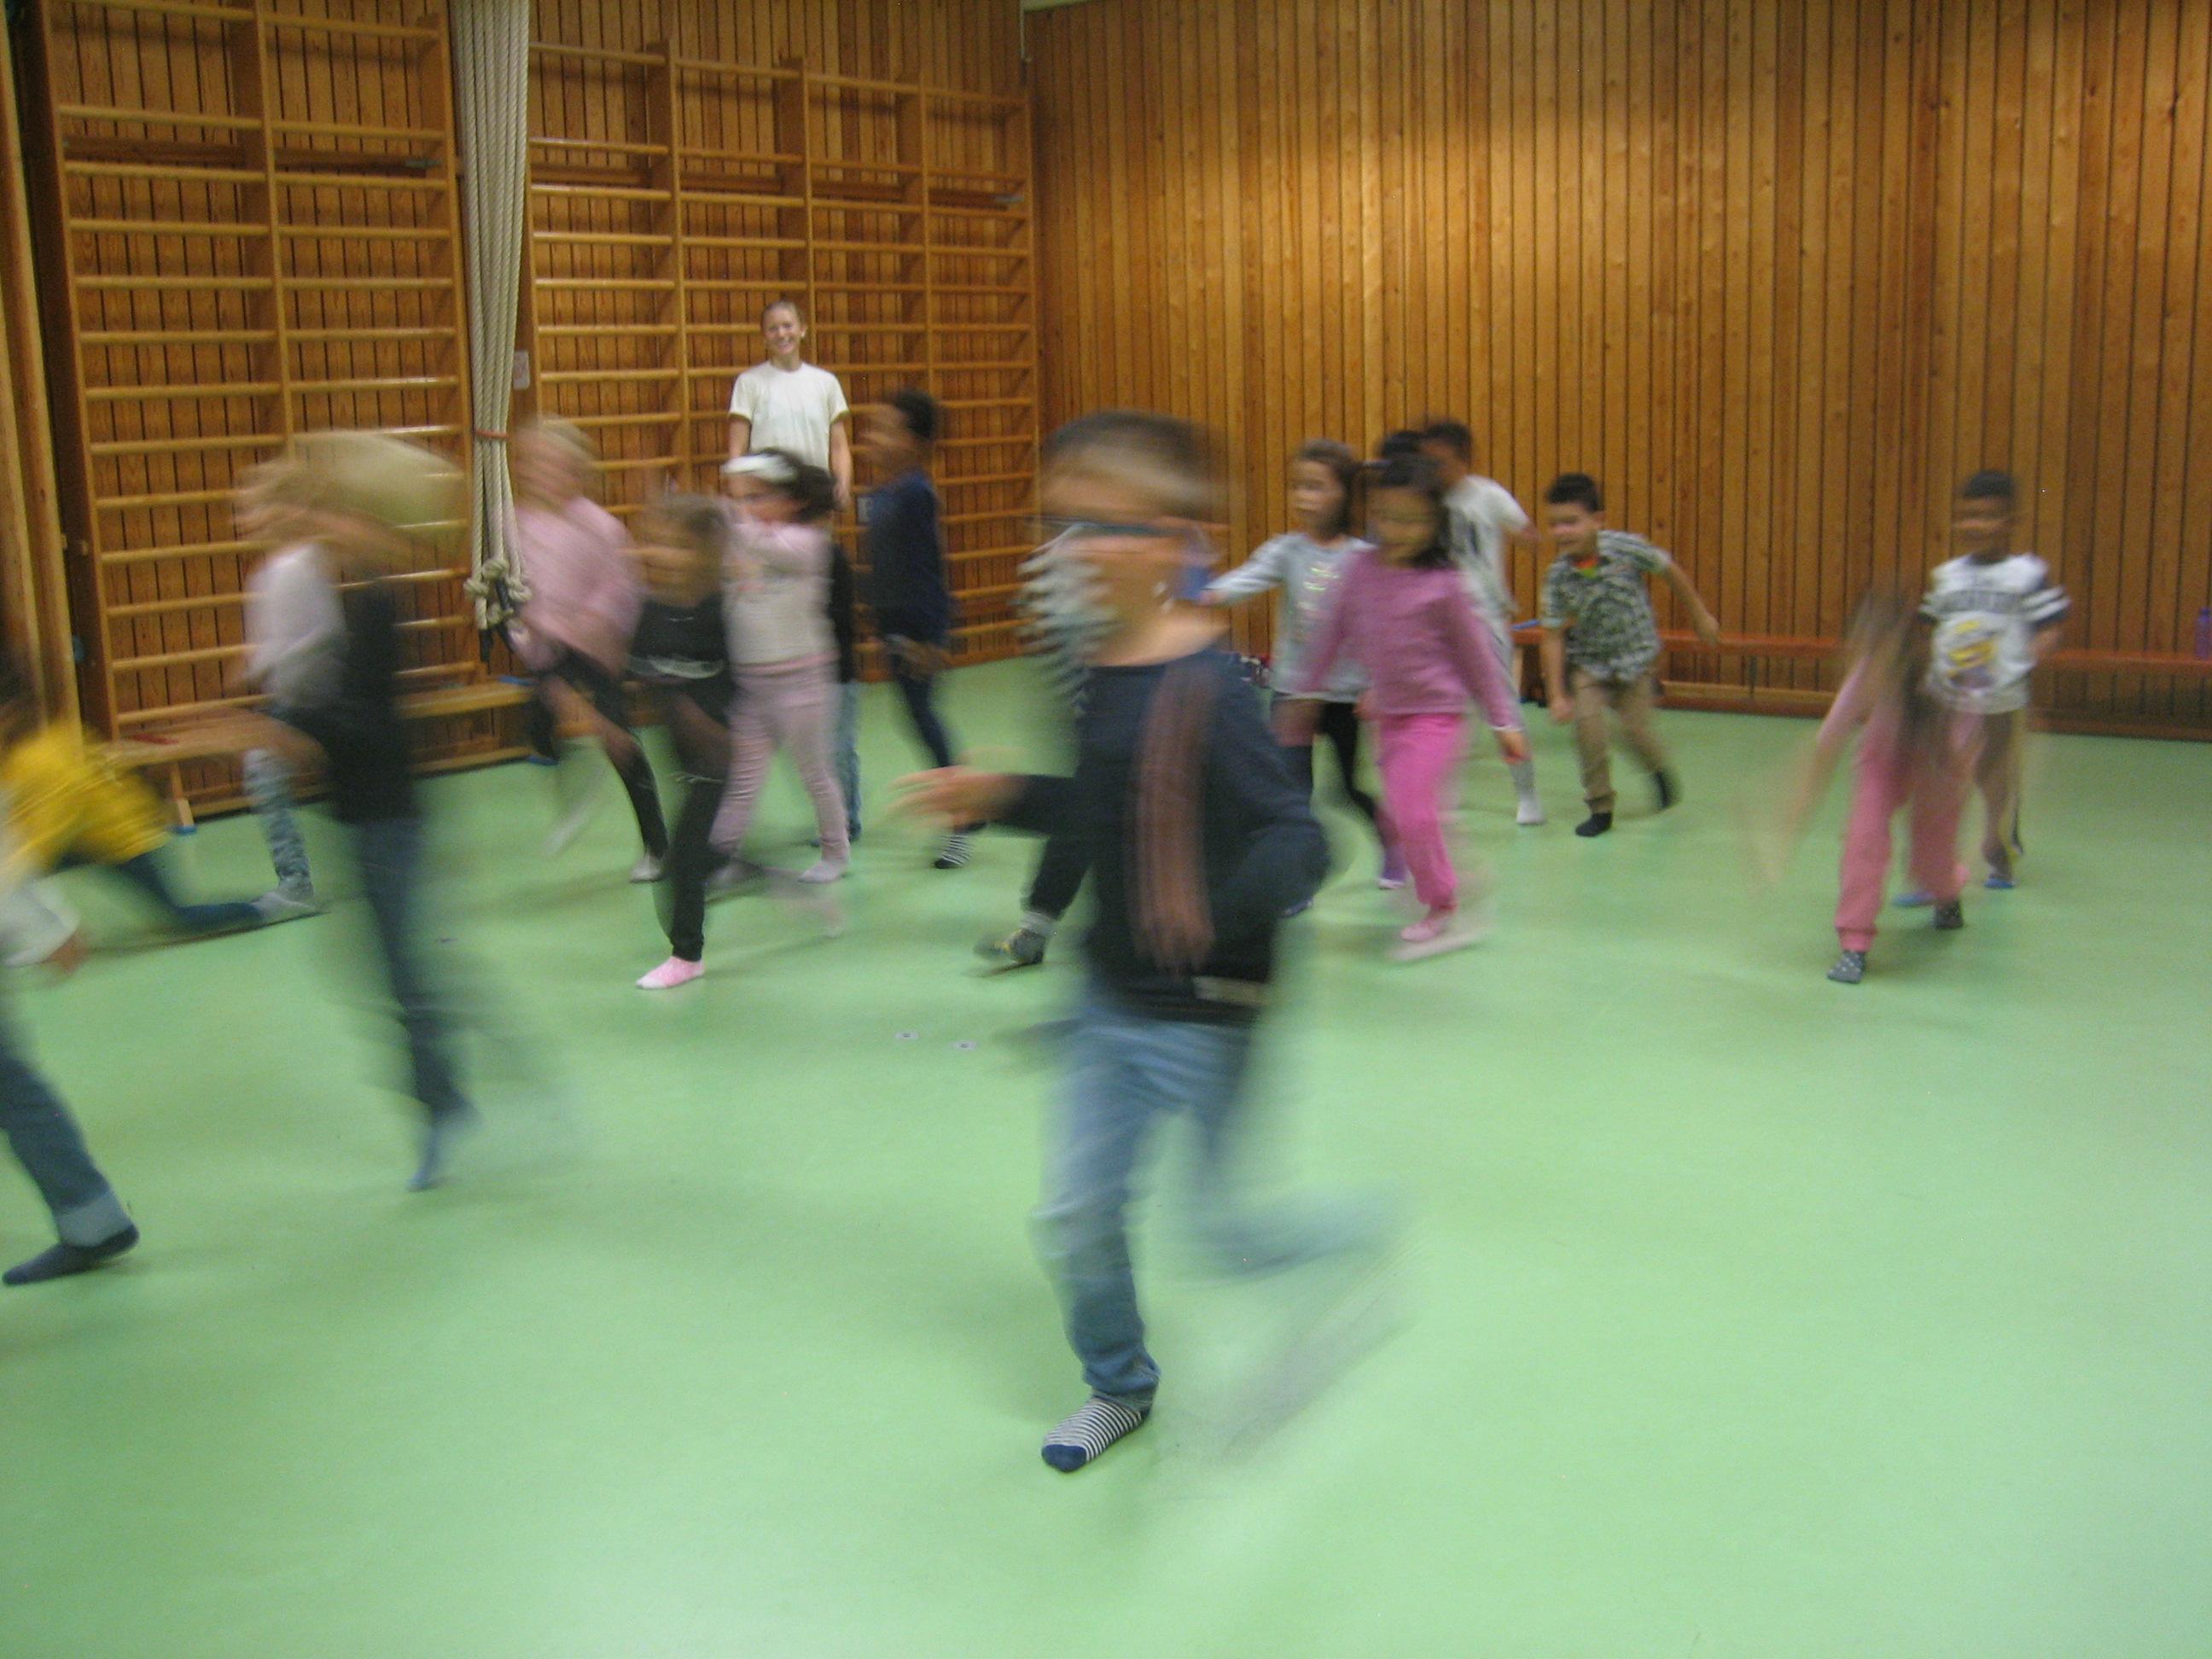 Suddiga konturer av barn som springer.